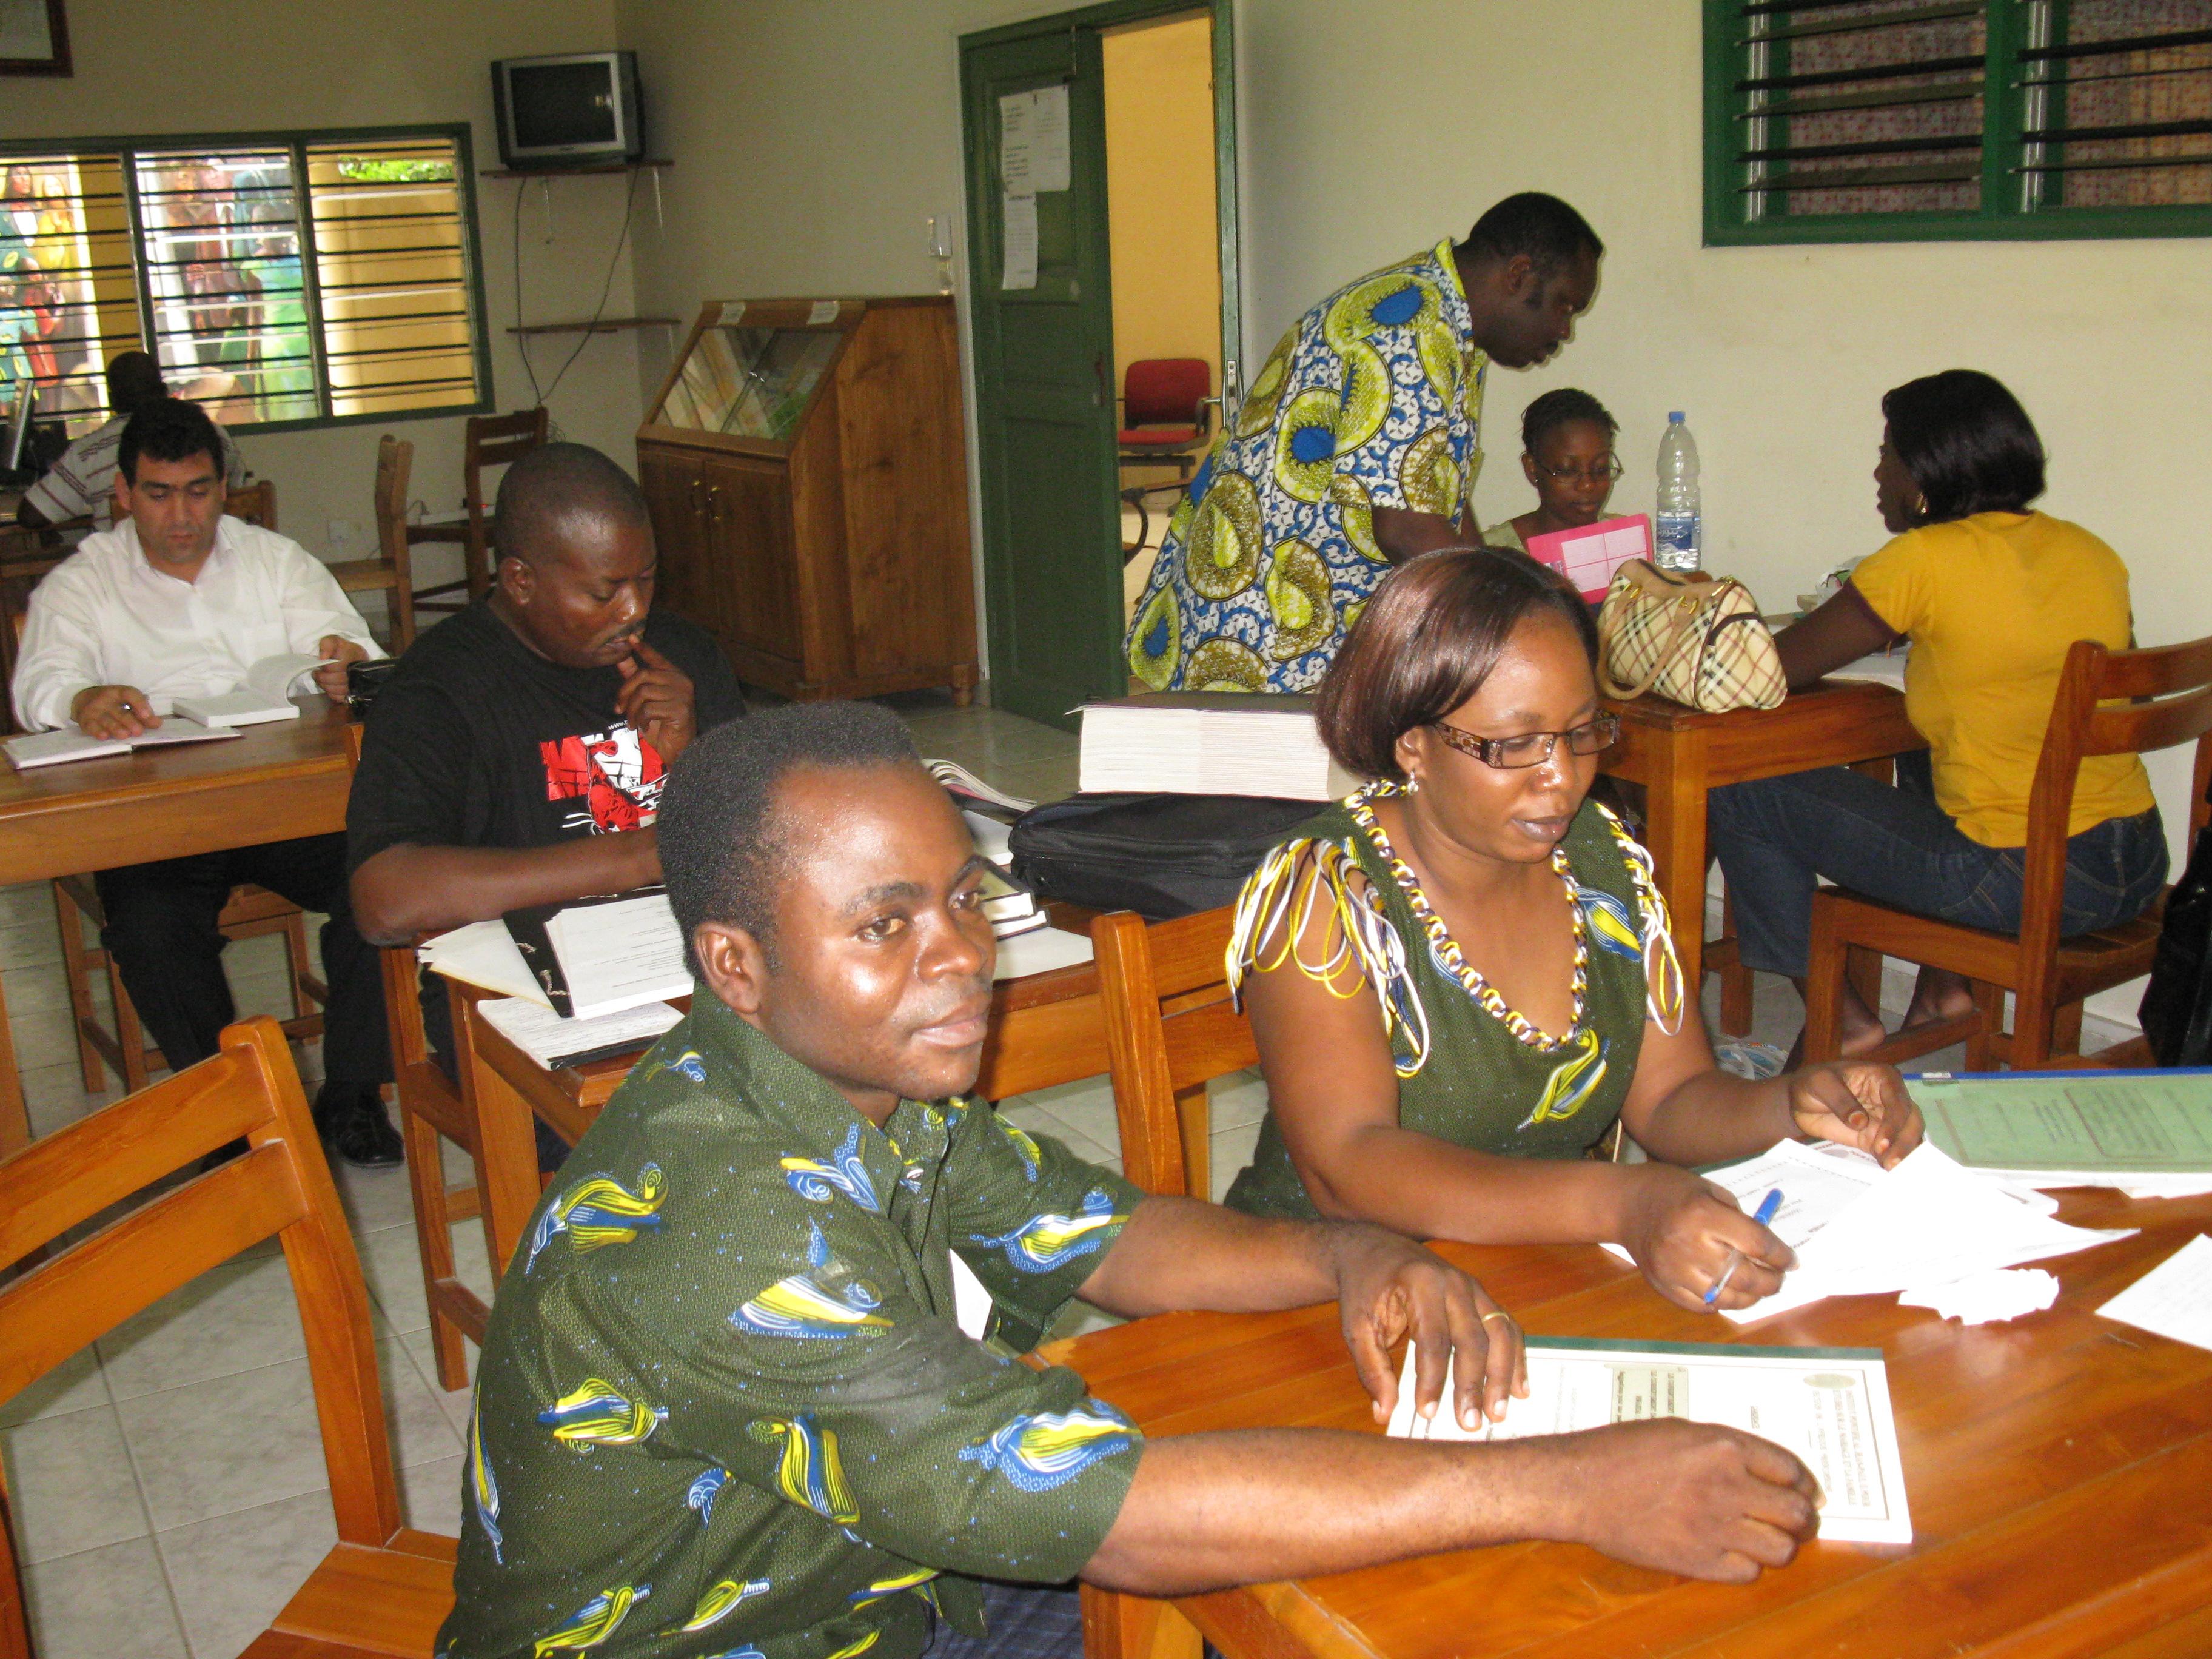 Instituto Juan Pablo II de Benín, África, 20 años formando a la sociedad africana sobre la base de la familia